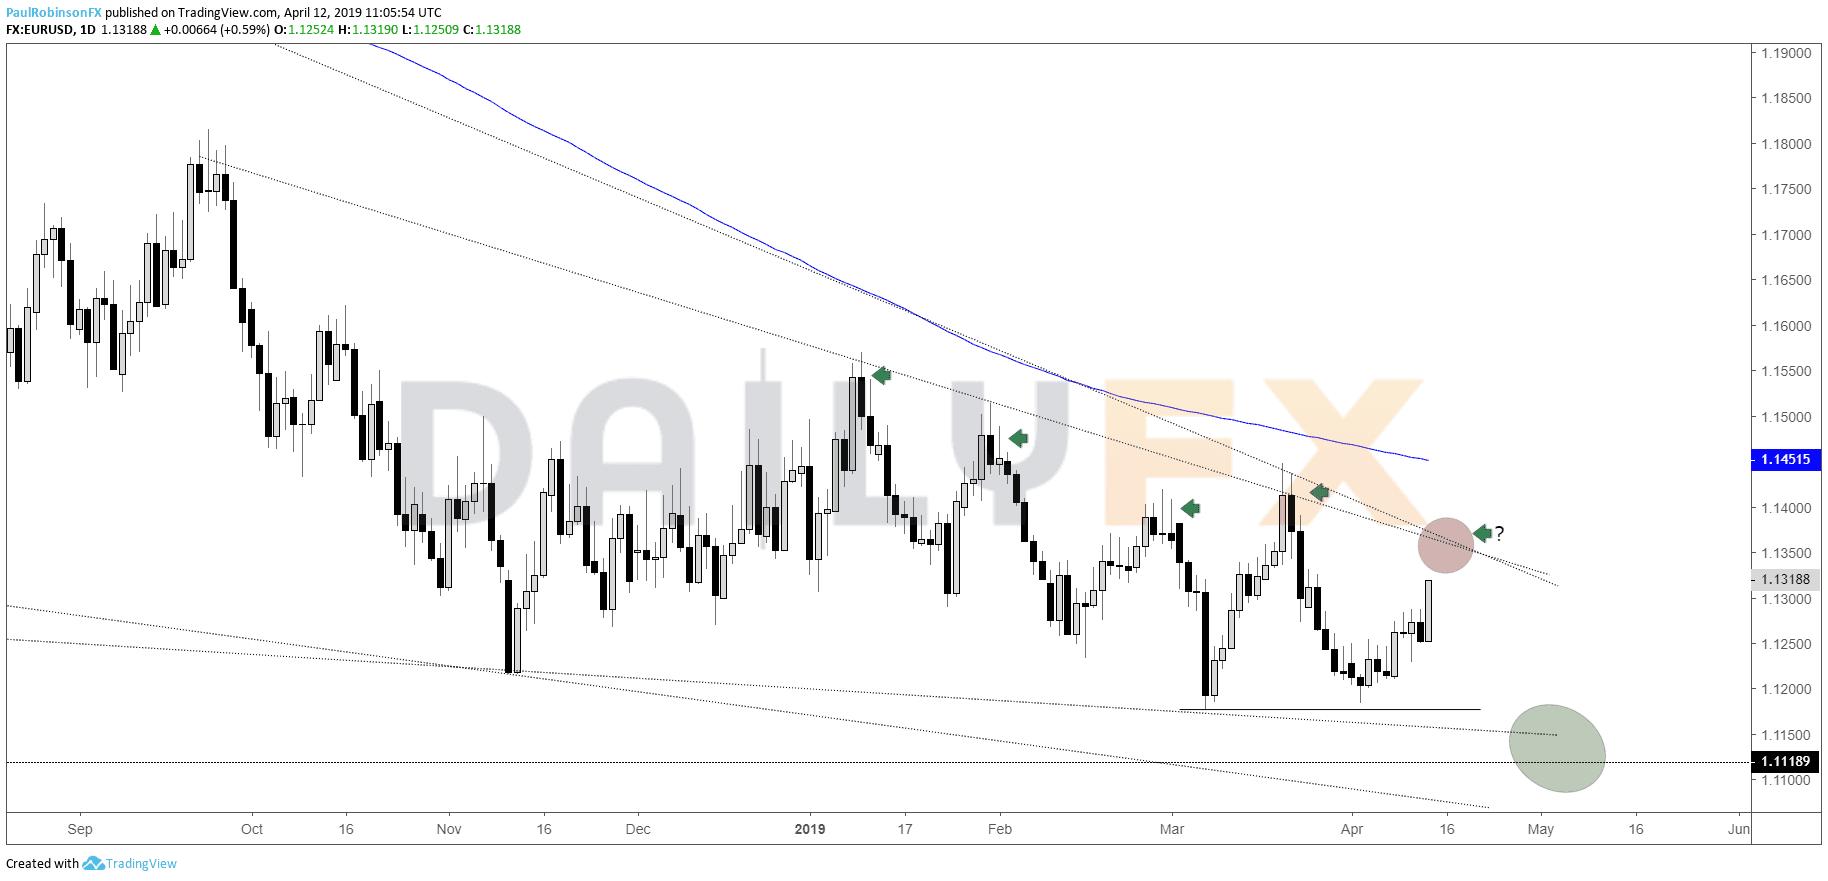 下周歐元/美元、英鎊/美元、黃金技術分析